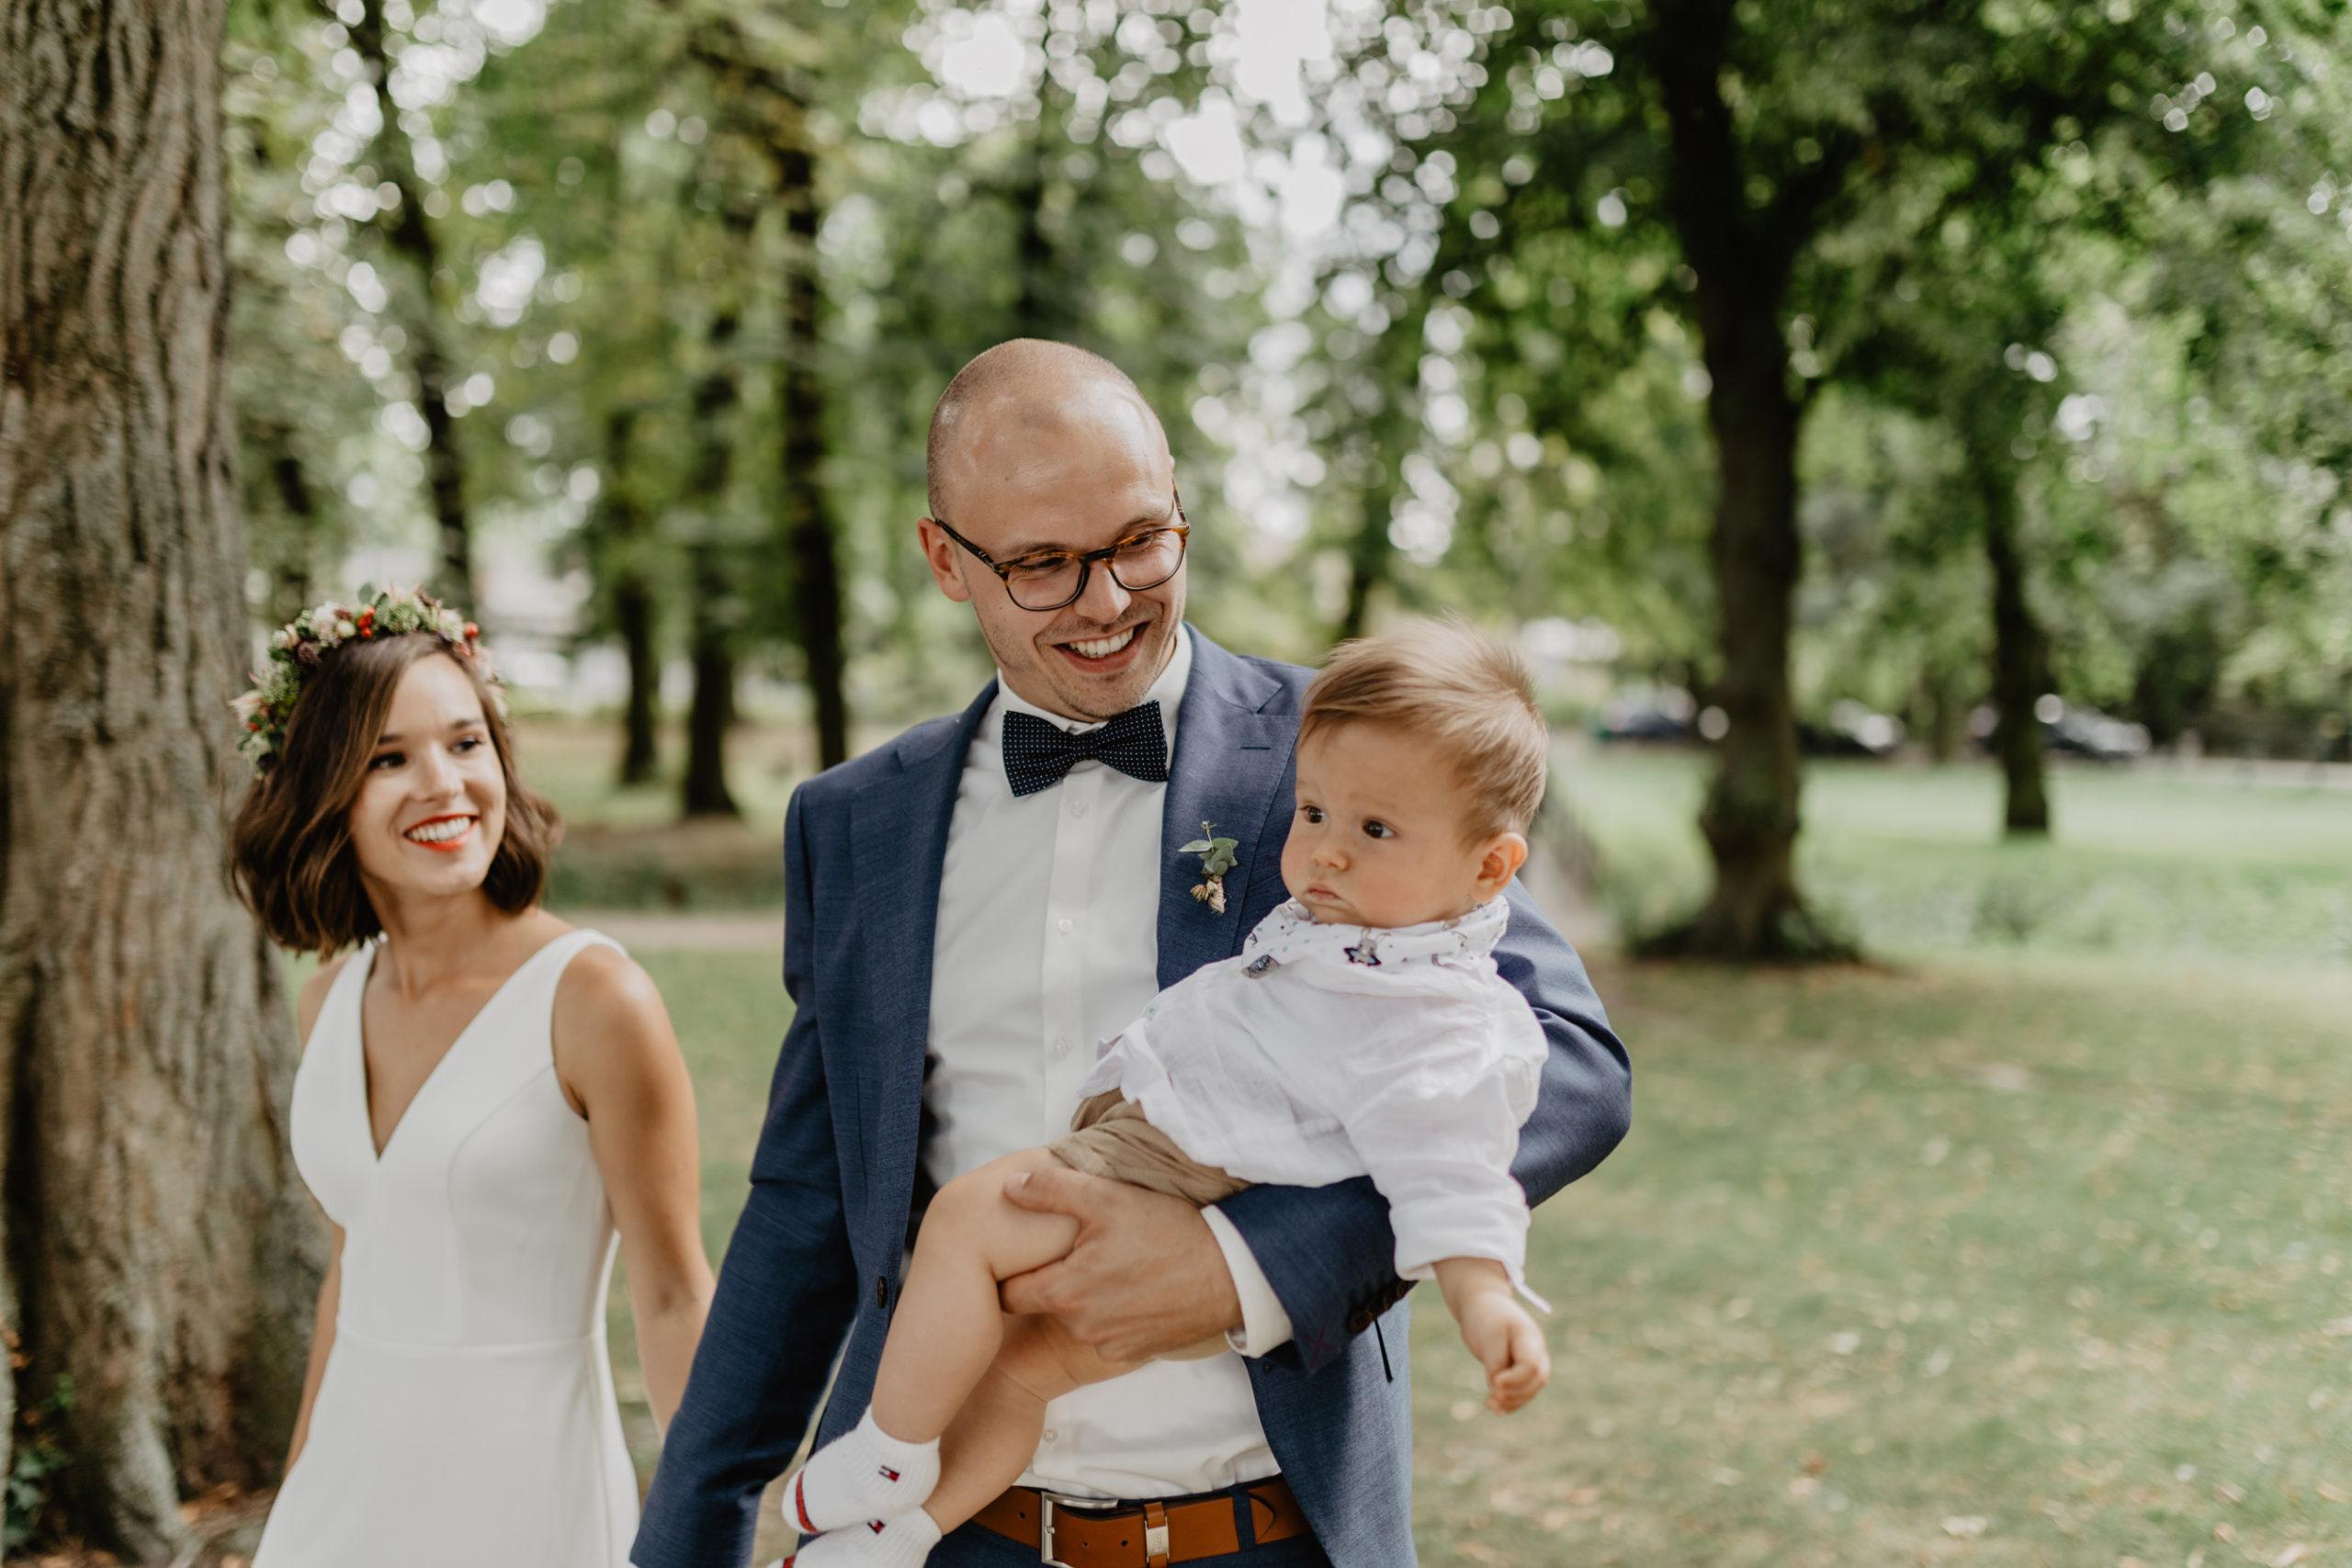 Hochzeitsfotografen Potsdam Brandenburg und Berlin fotografieren Brautpaar